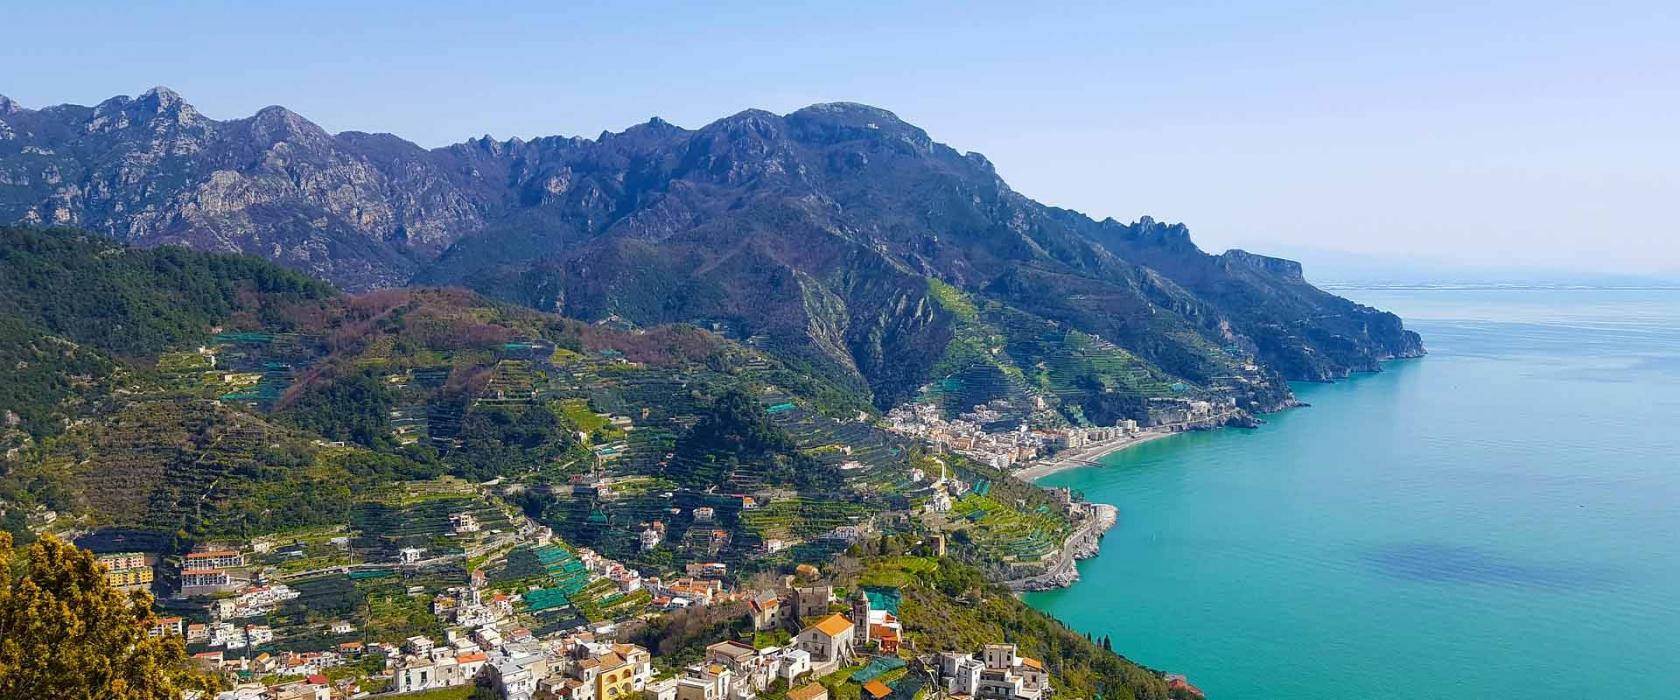 Costiera Amalfitana | Itinerari Hotel Palace 3 stelle